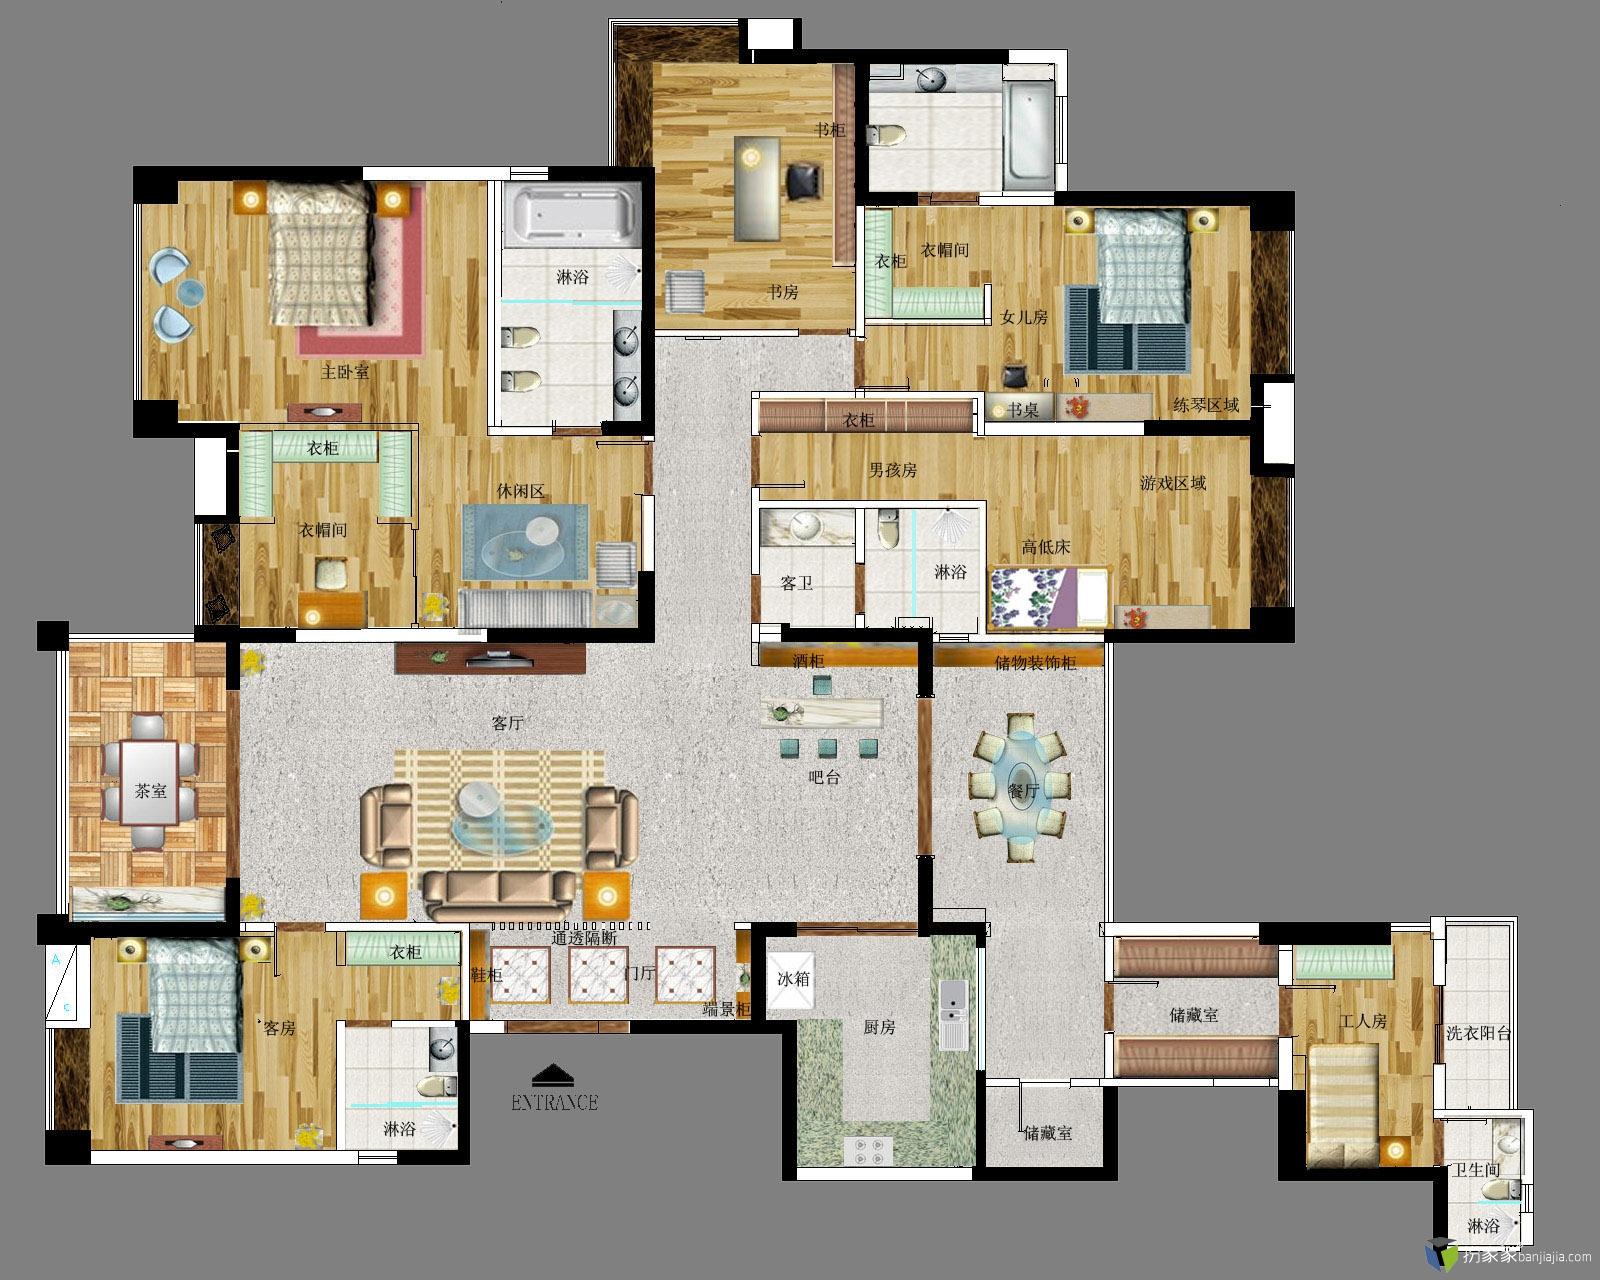 【投票】【第二期 住宅平面优化】 300平方豪华户型